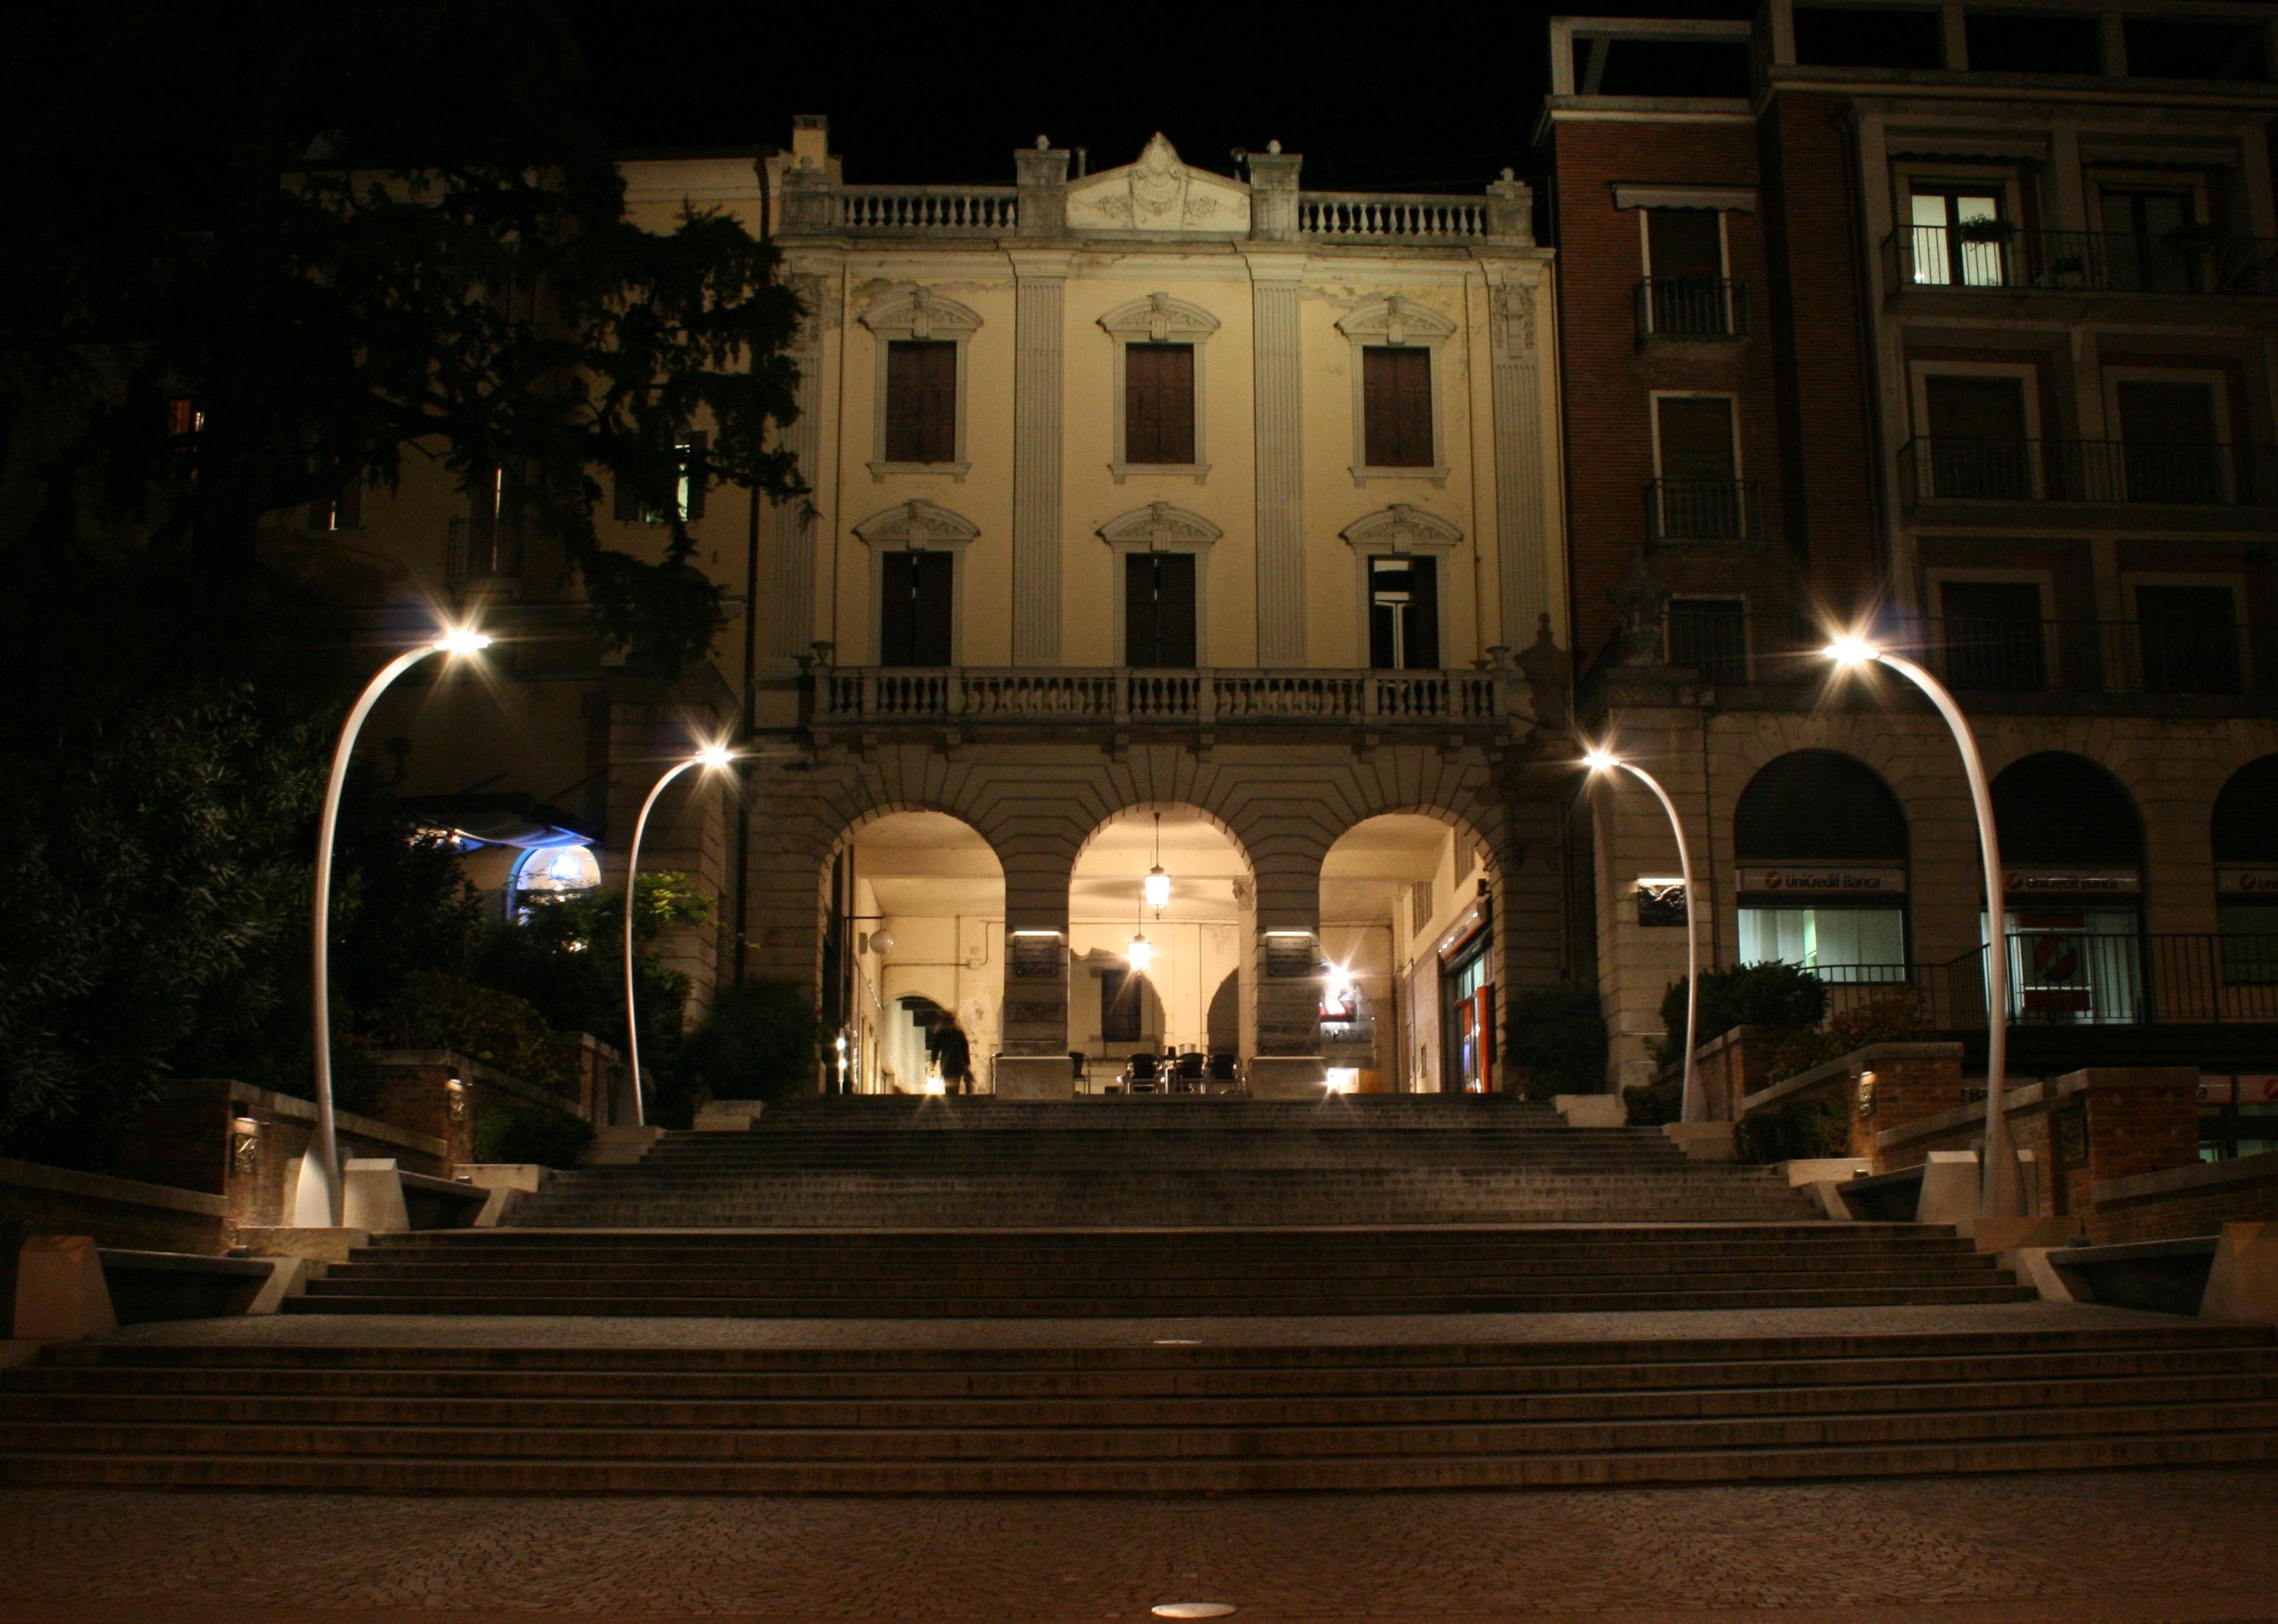 Programma di valorizzazione e rivitalizzazione del centro storico di Conegliano: adeguamento pubblica illuminazione via XX Settembre